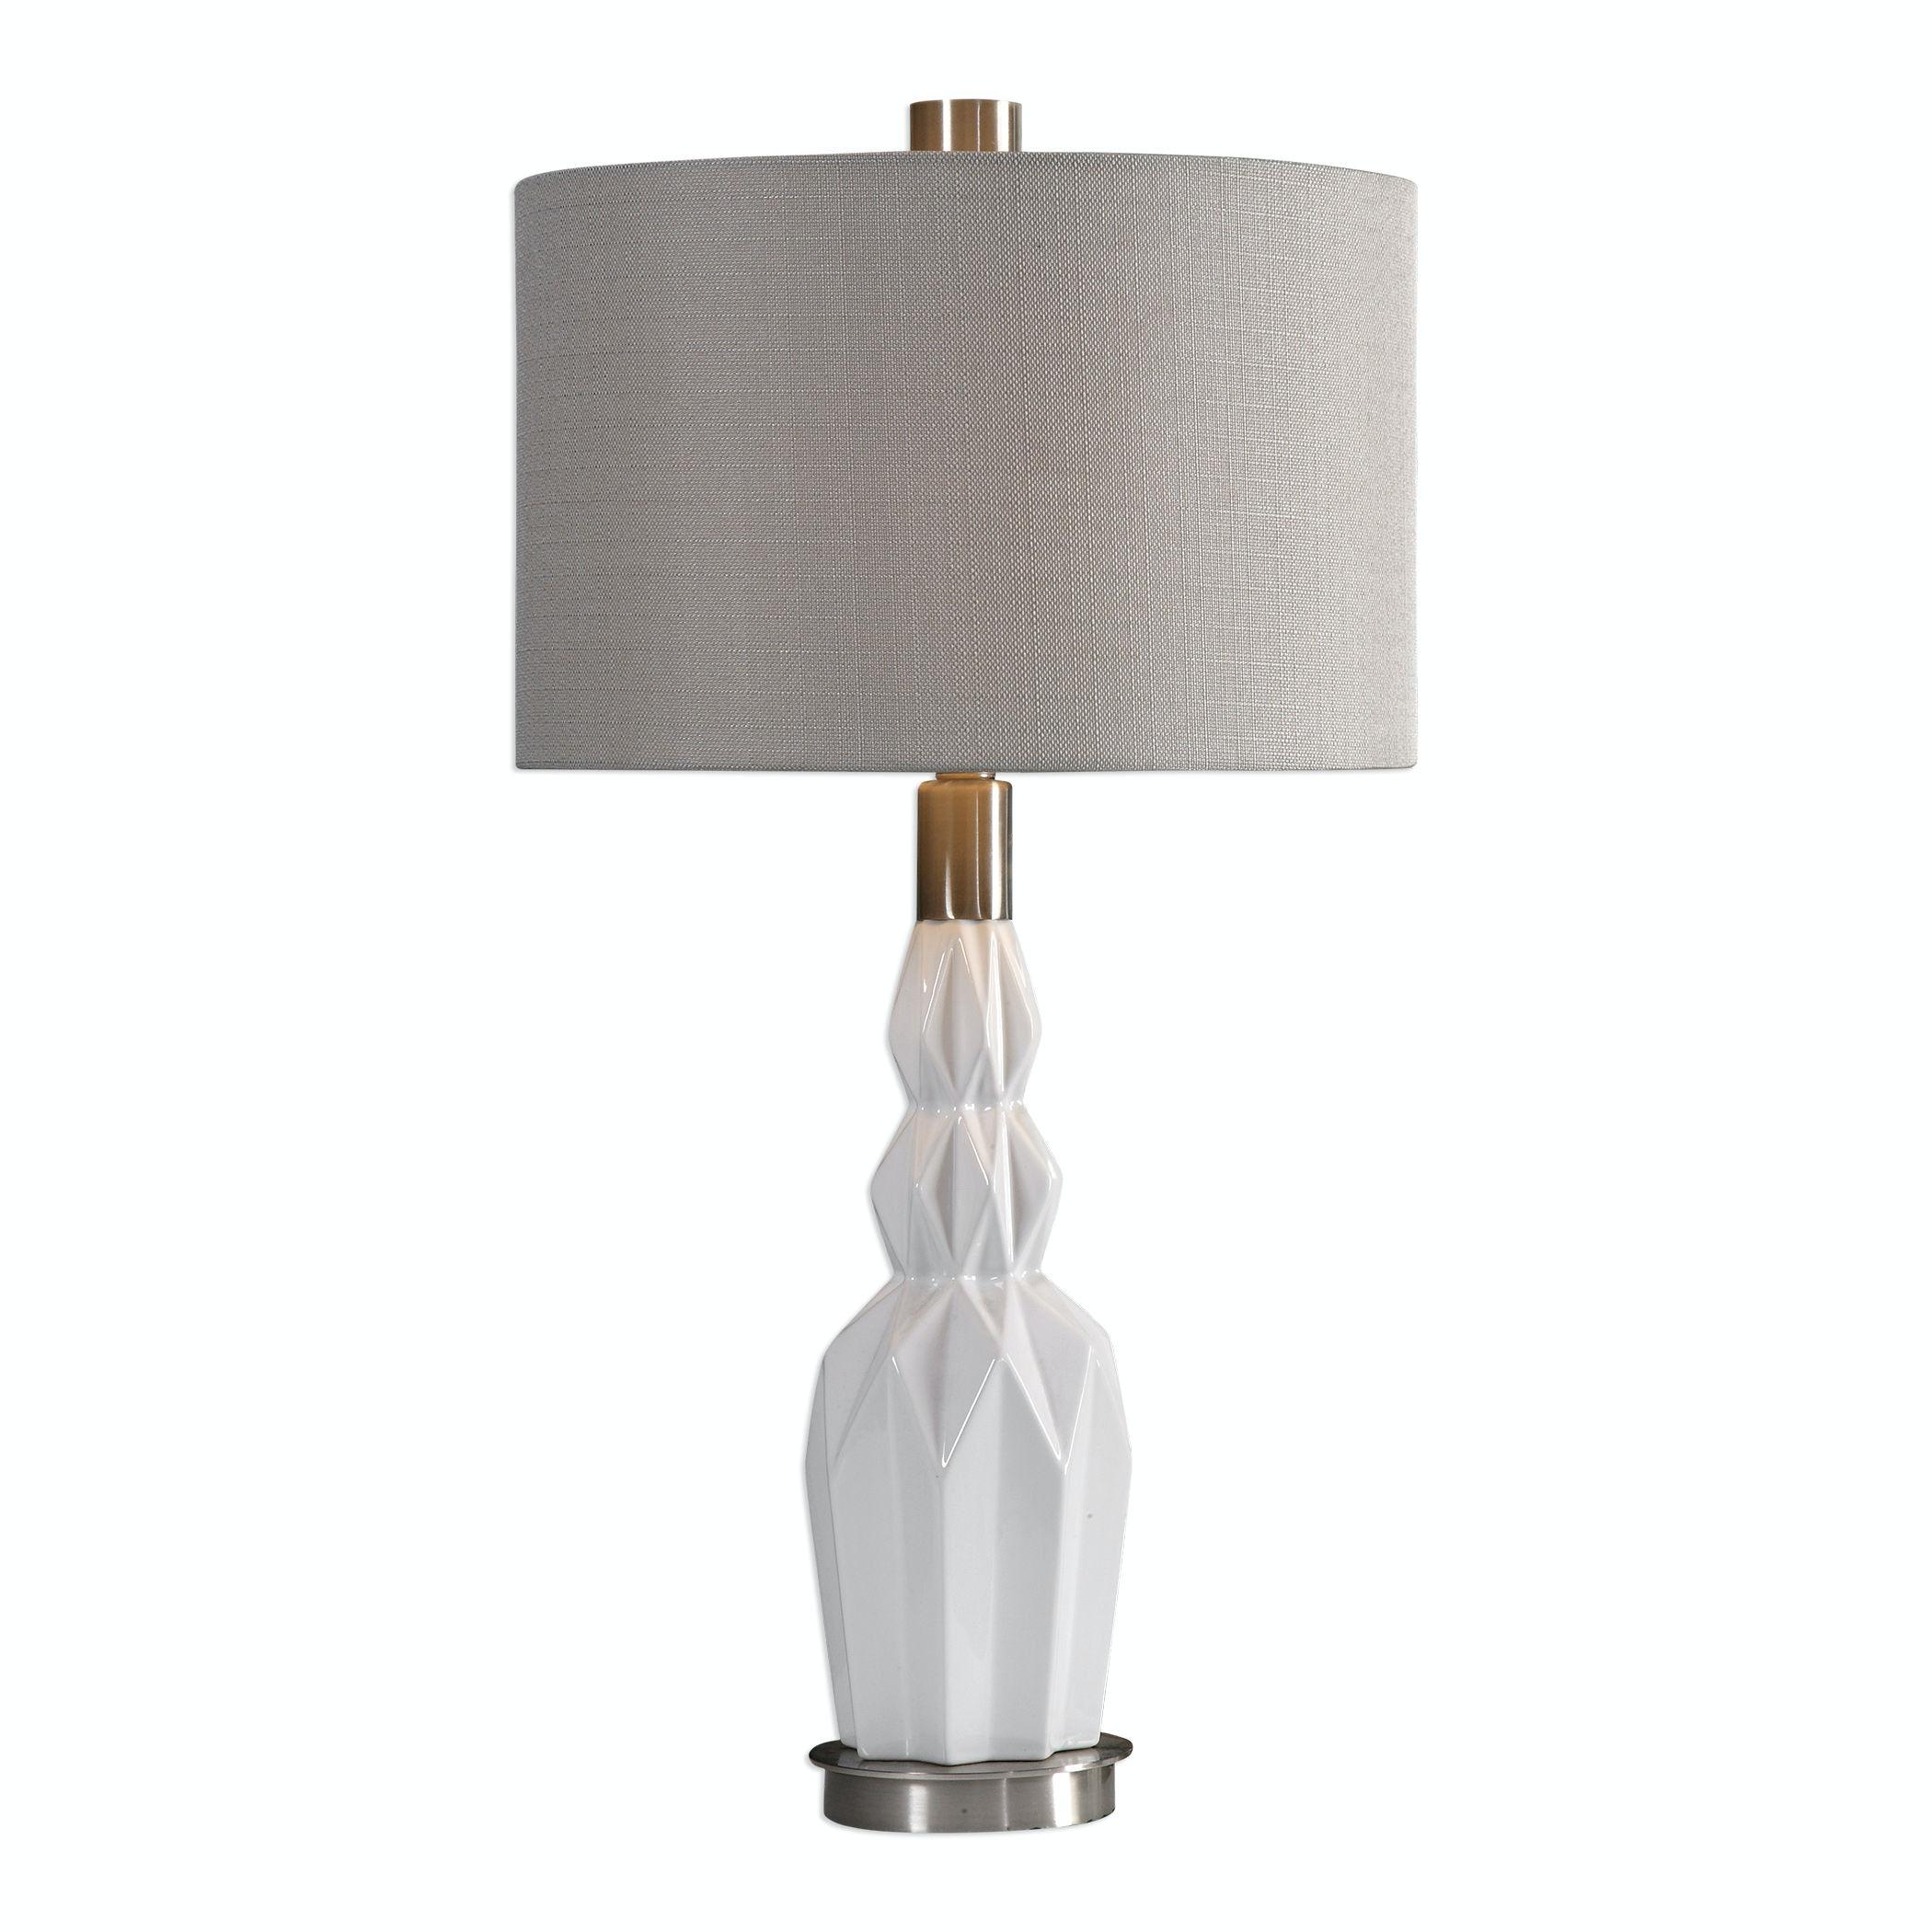 Cabret Gloss White Ceramic Table Lamp Ut277141